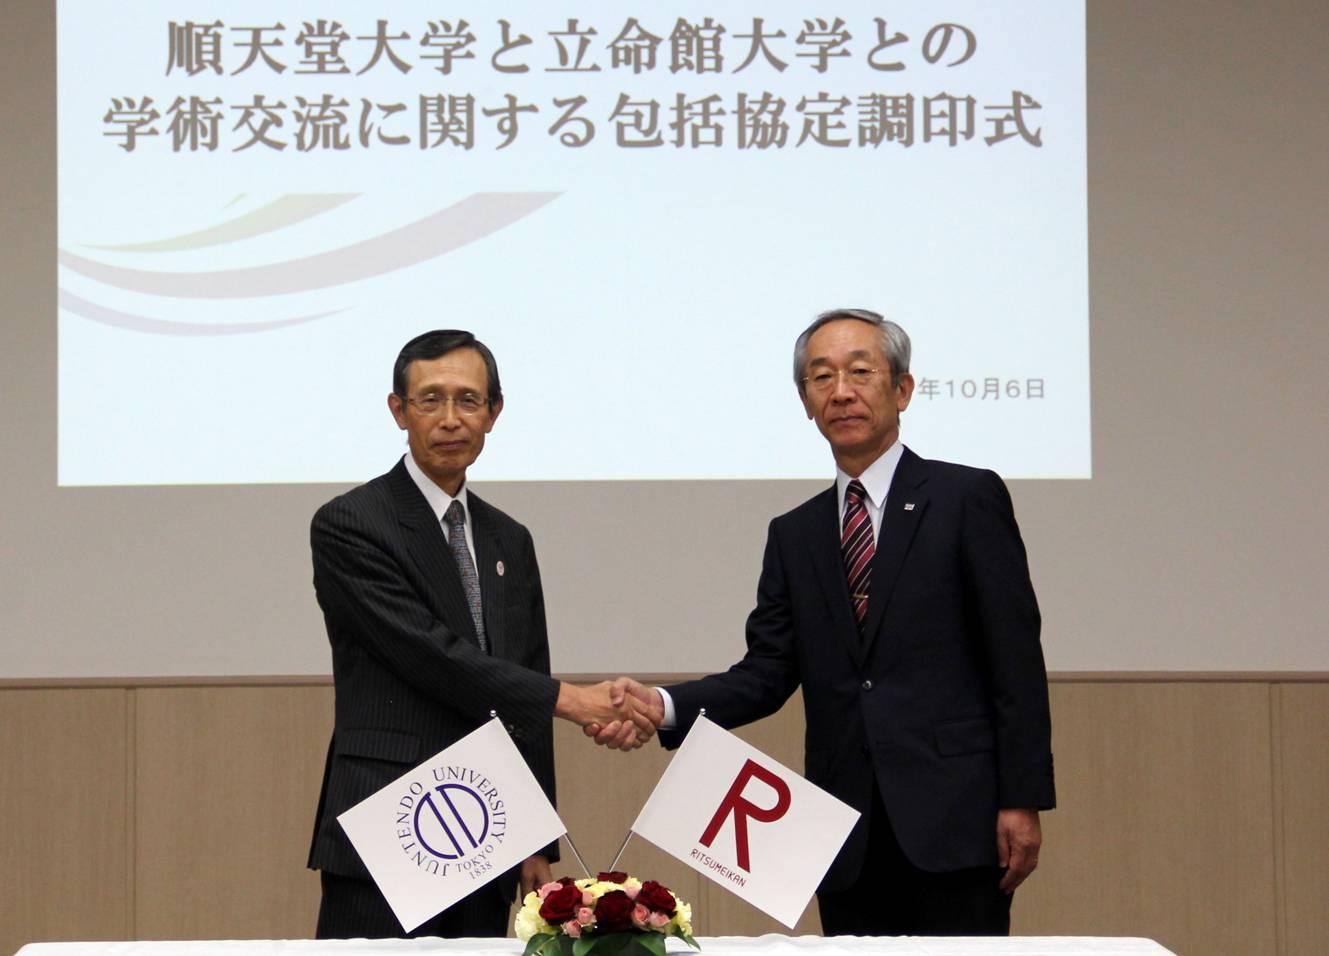 順天堂大学と立命館大学による学術交流協定を締結